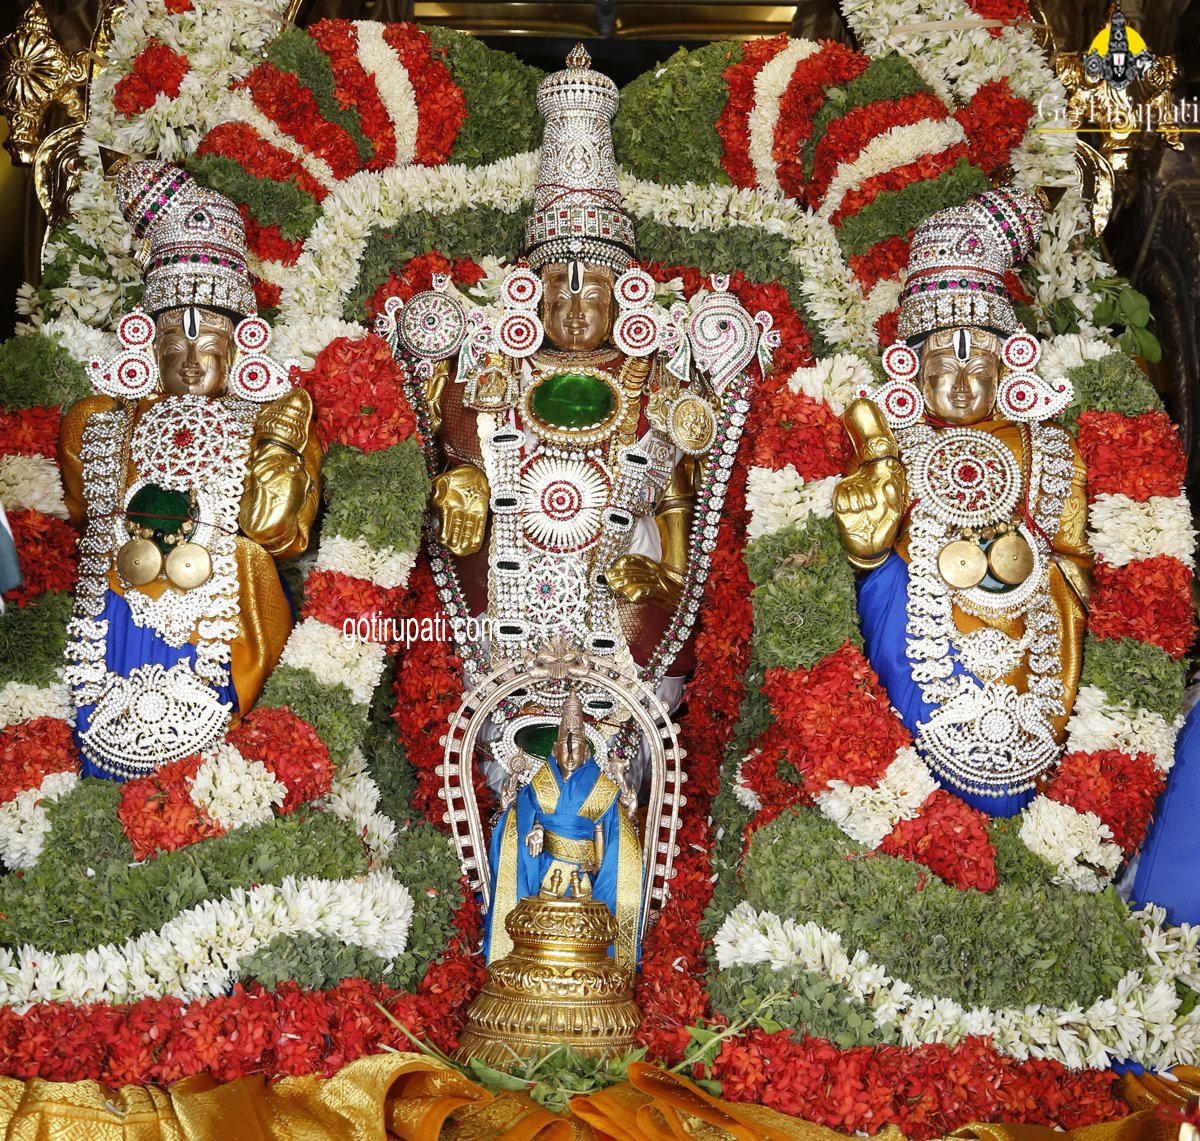 Replying to @GoTirupati: Sridevi Bhudevi Sametha Sri Venkateswara Swamy Utsavam